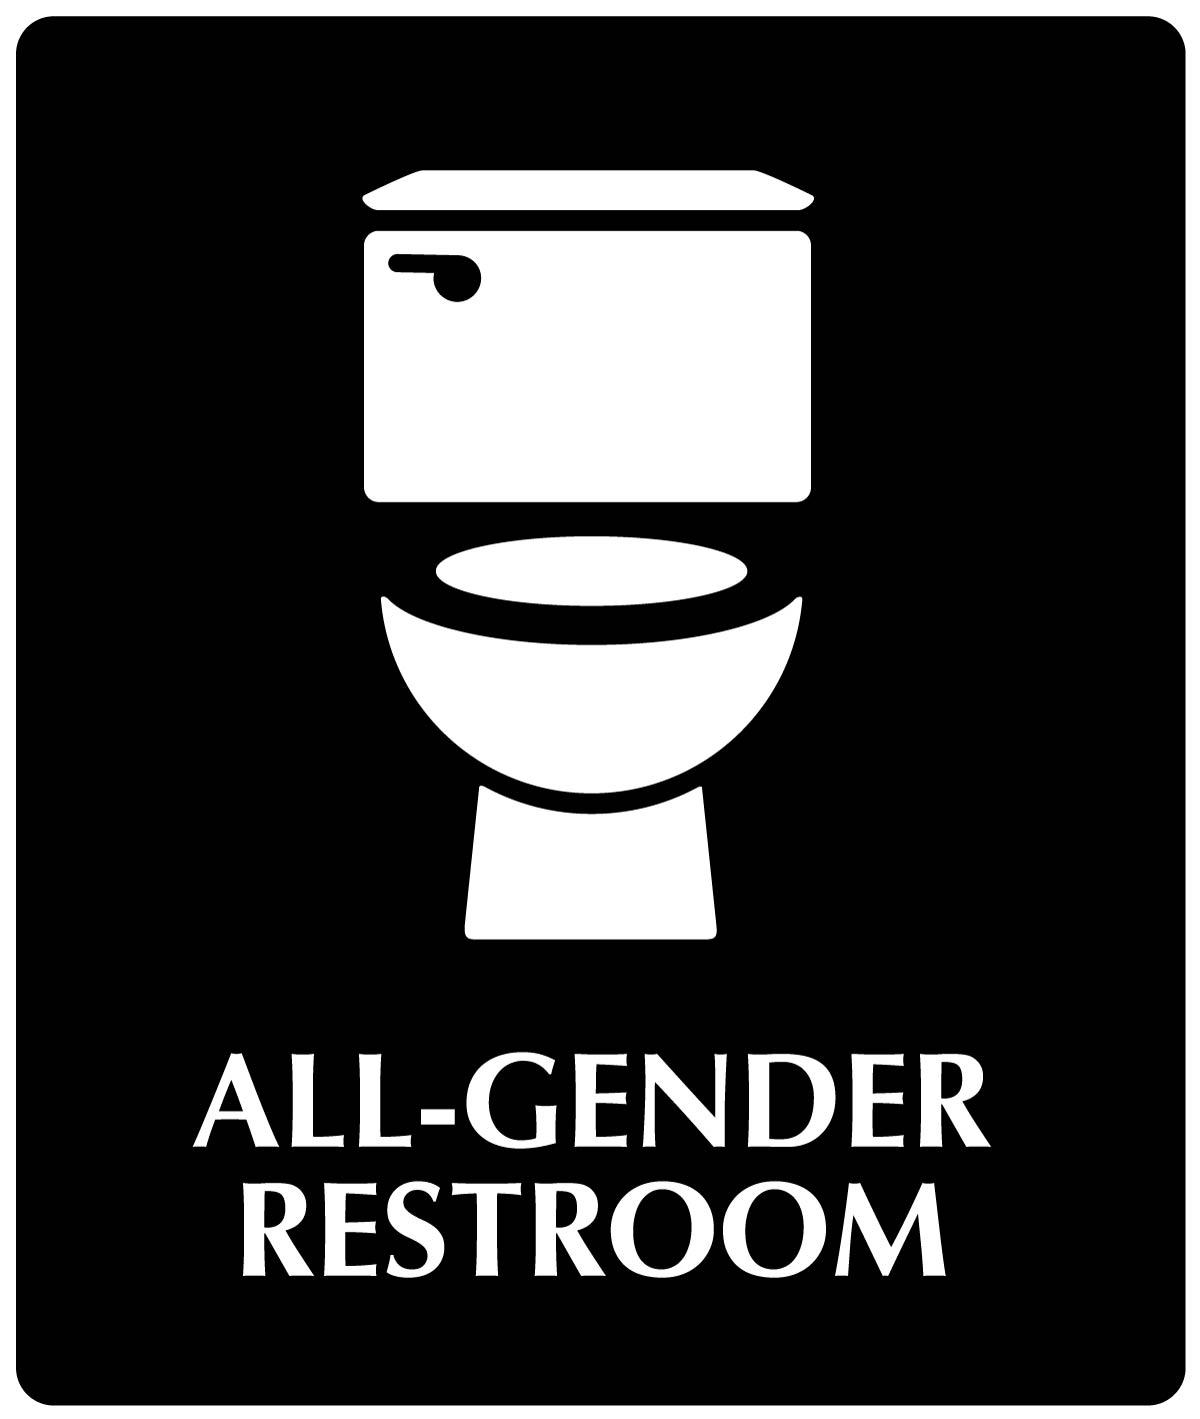 My Toilet turned All-Gender Restroom Sign